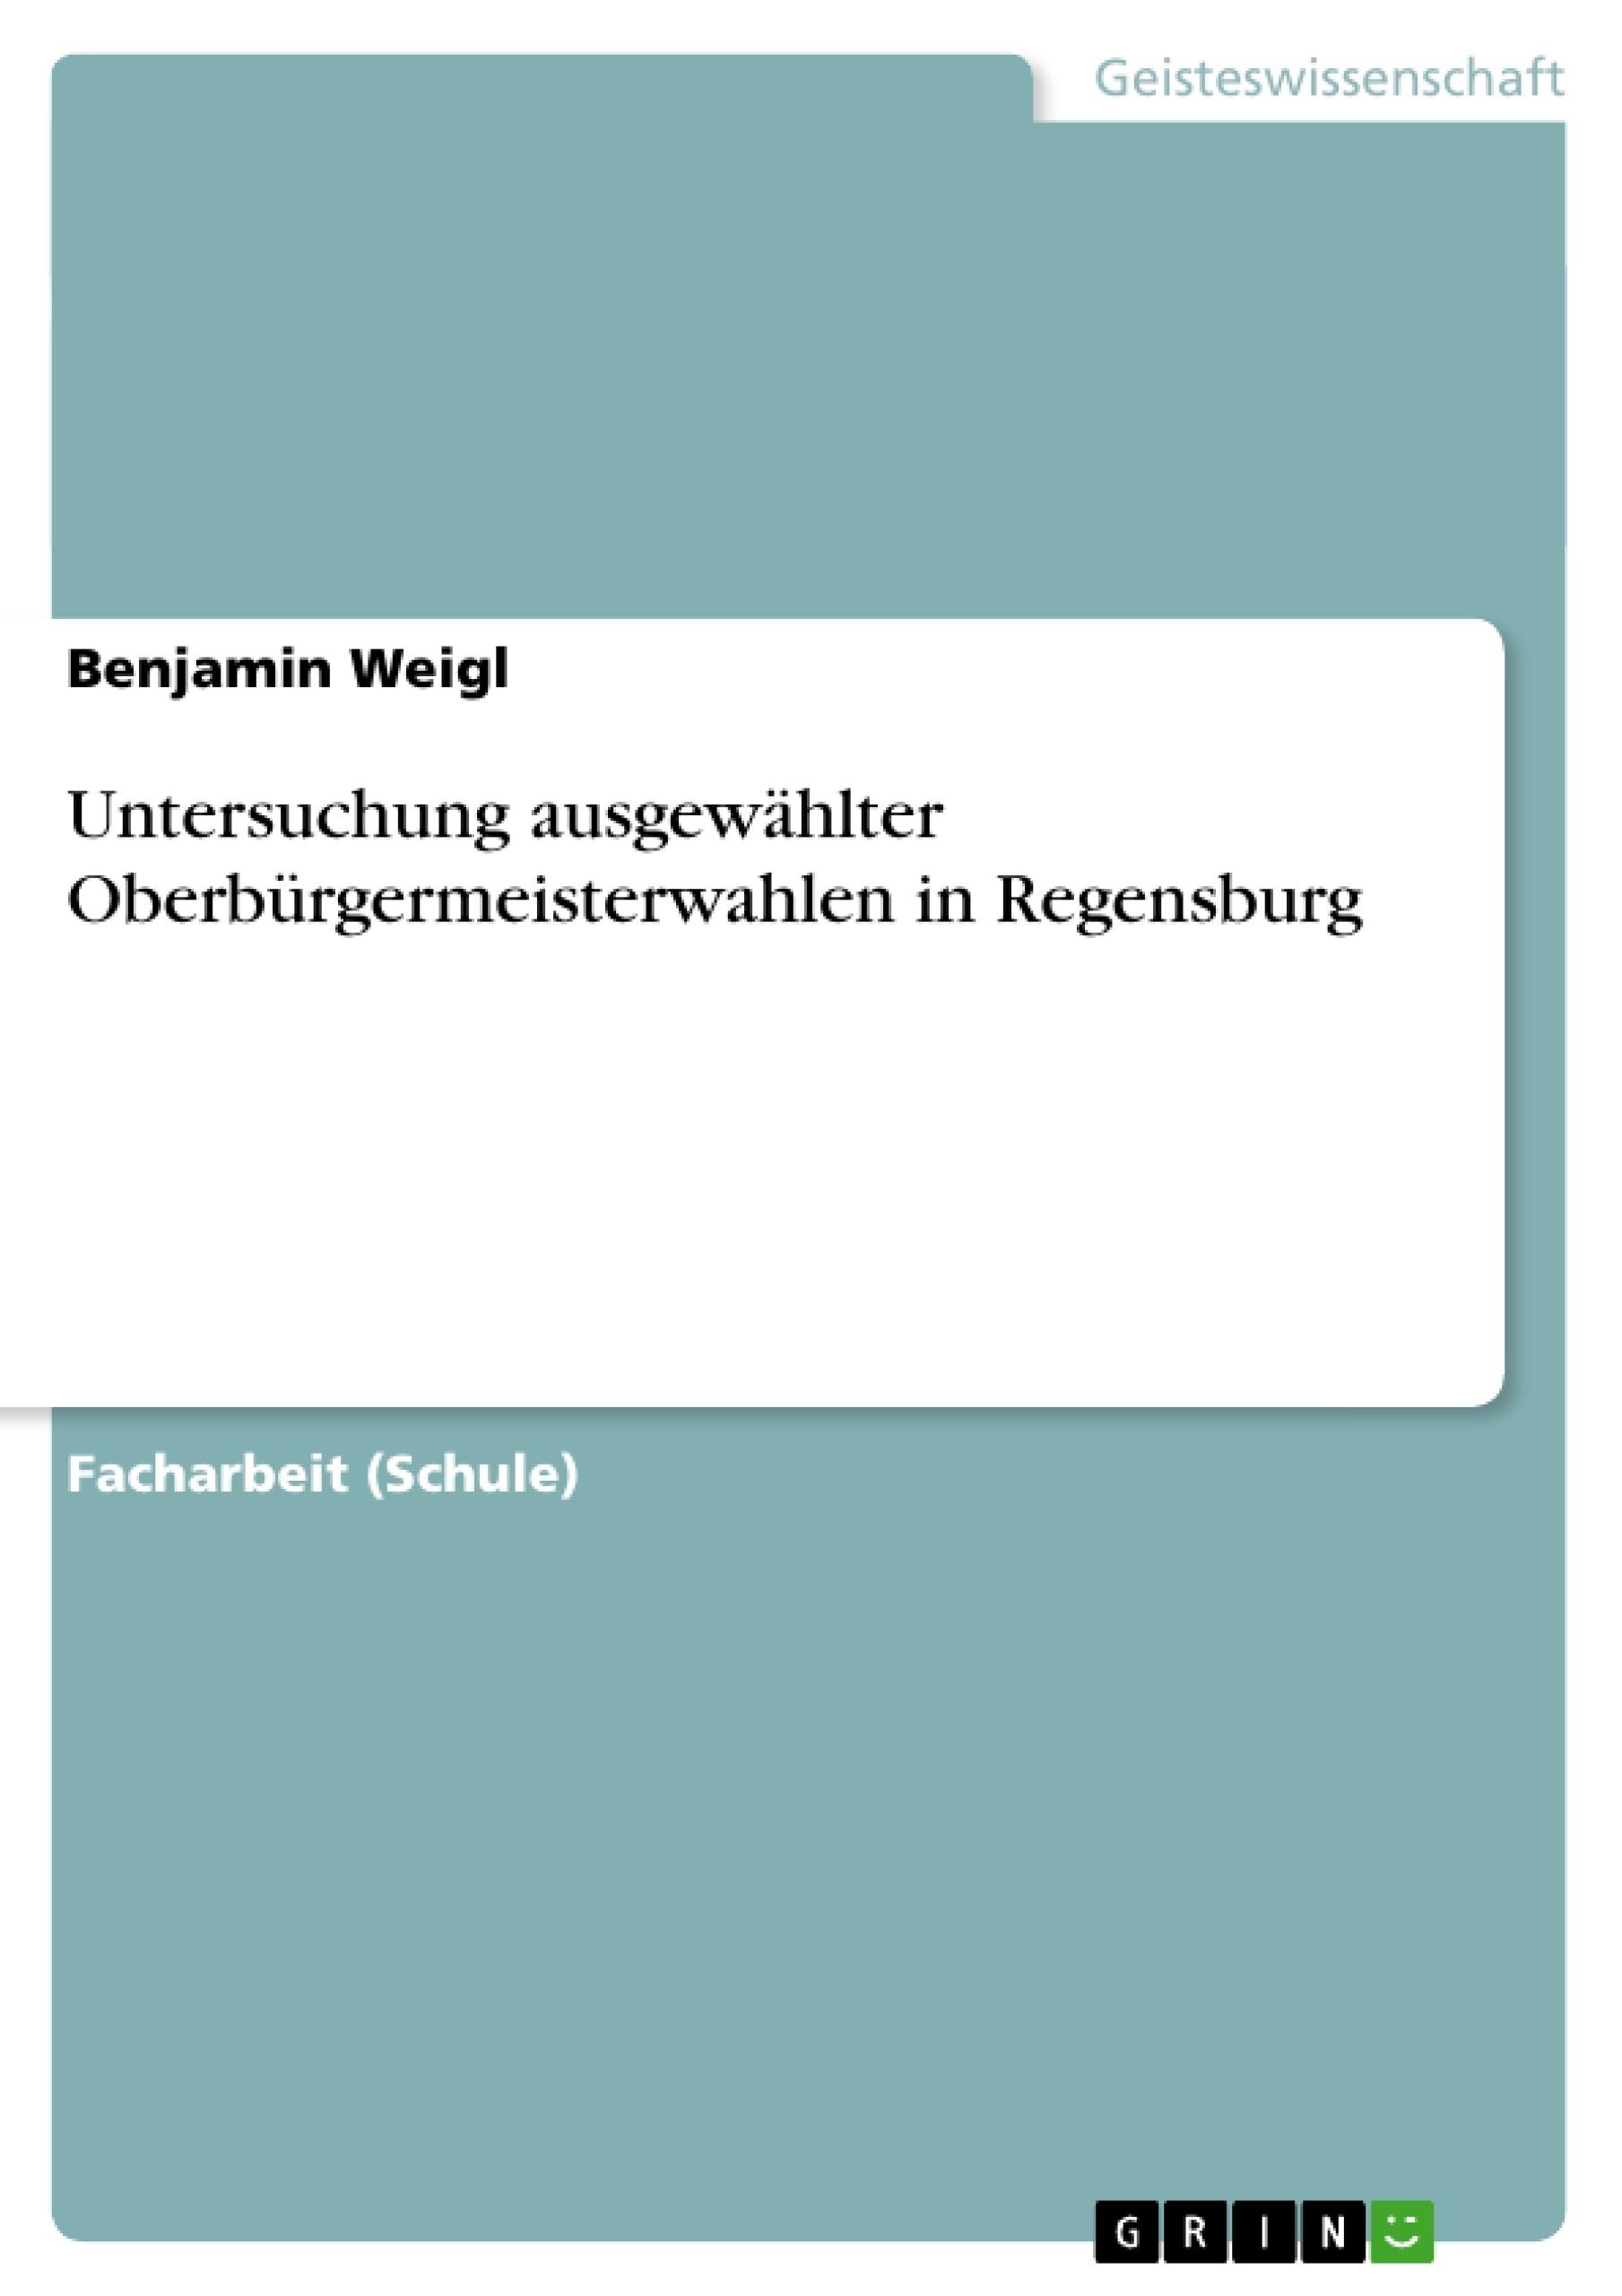 Titel: Untersuchung ausgewählter Oberbürgermeisterwahlen in Regensburg